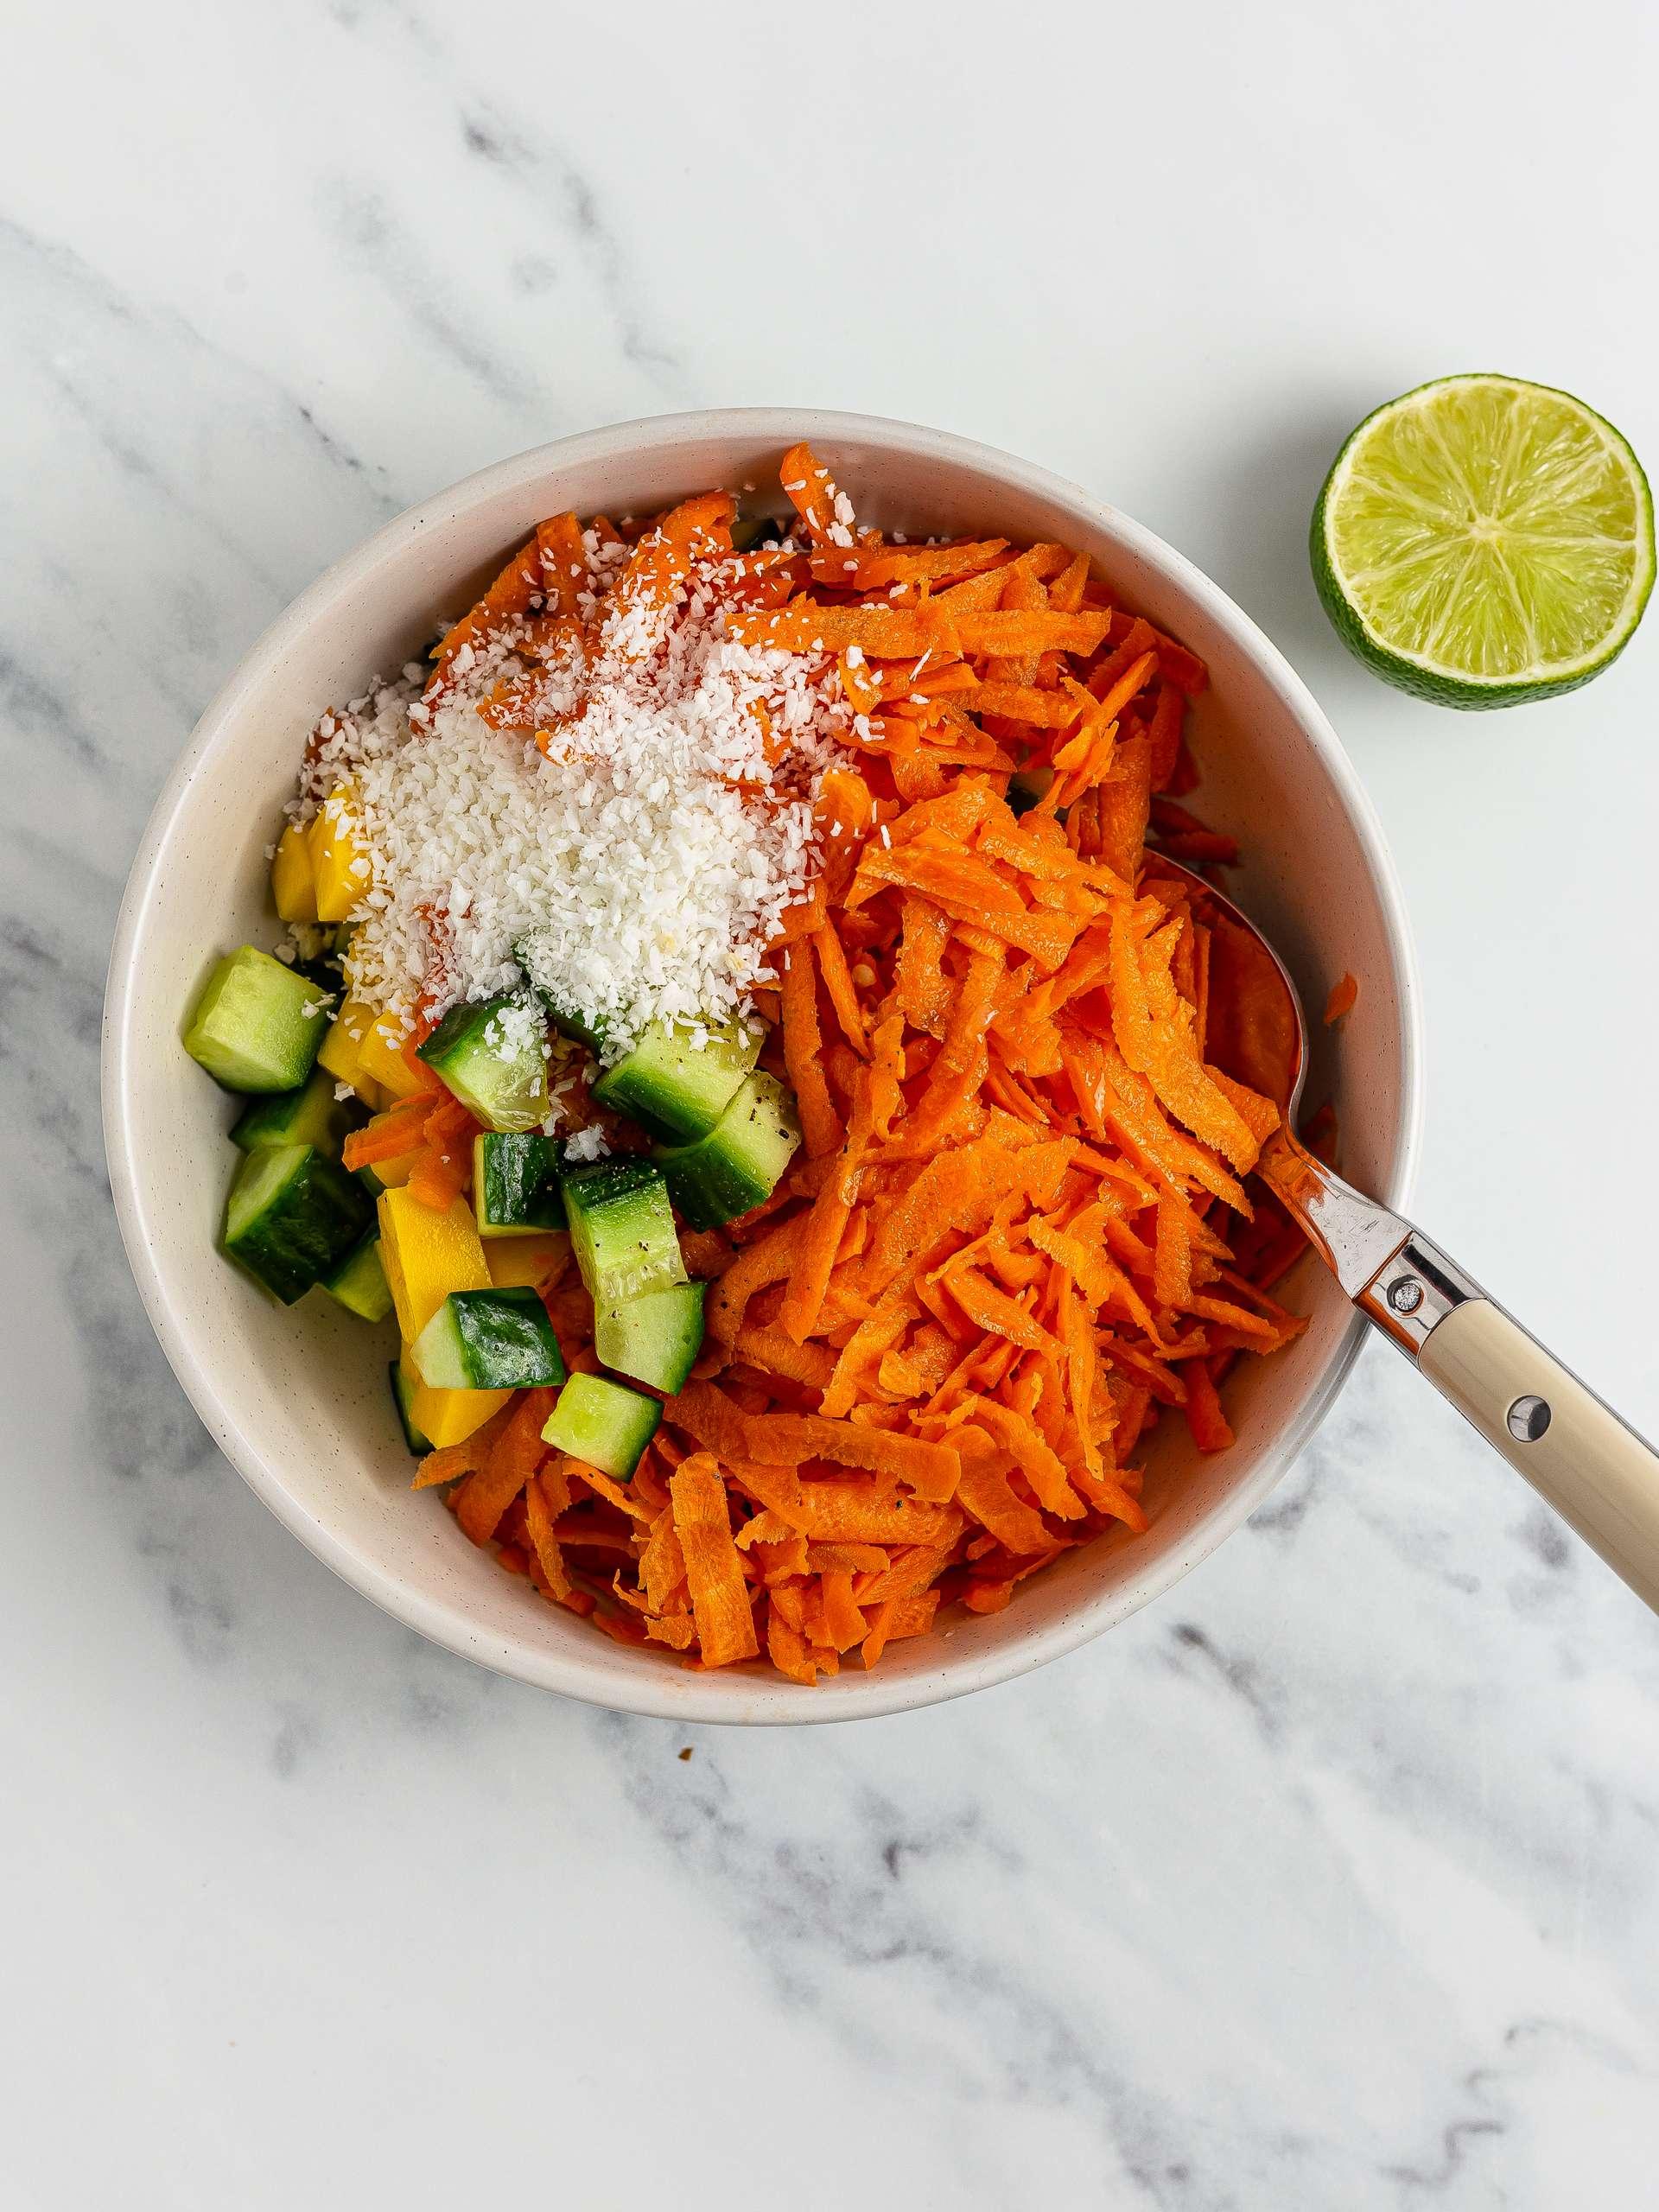 carrot kosambari salad with coconut and lime